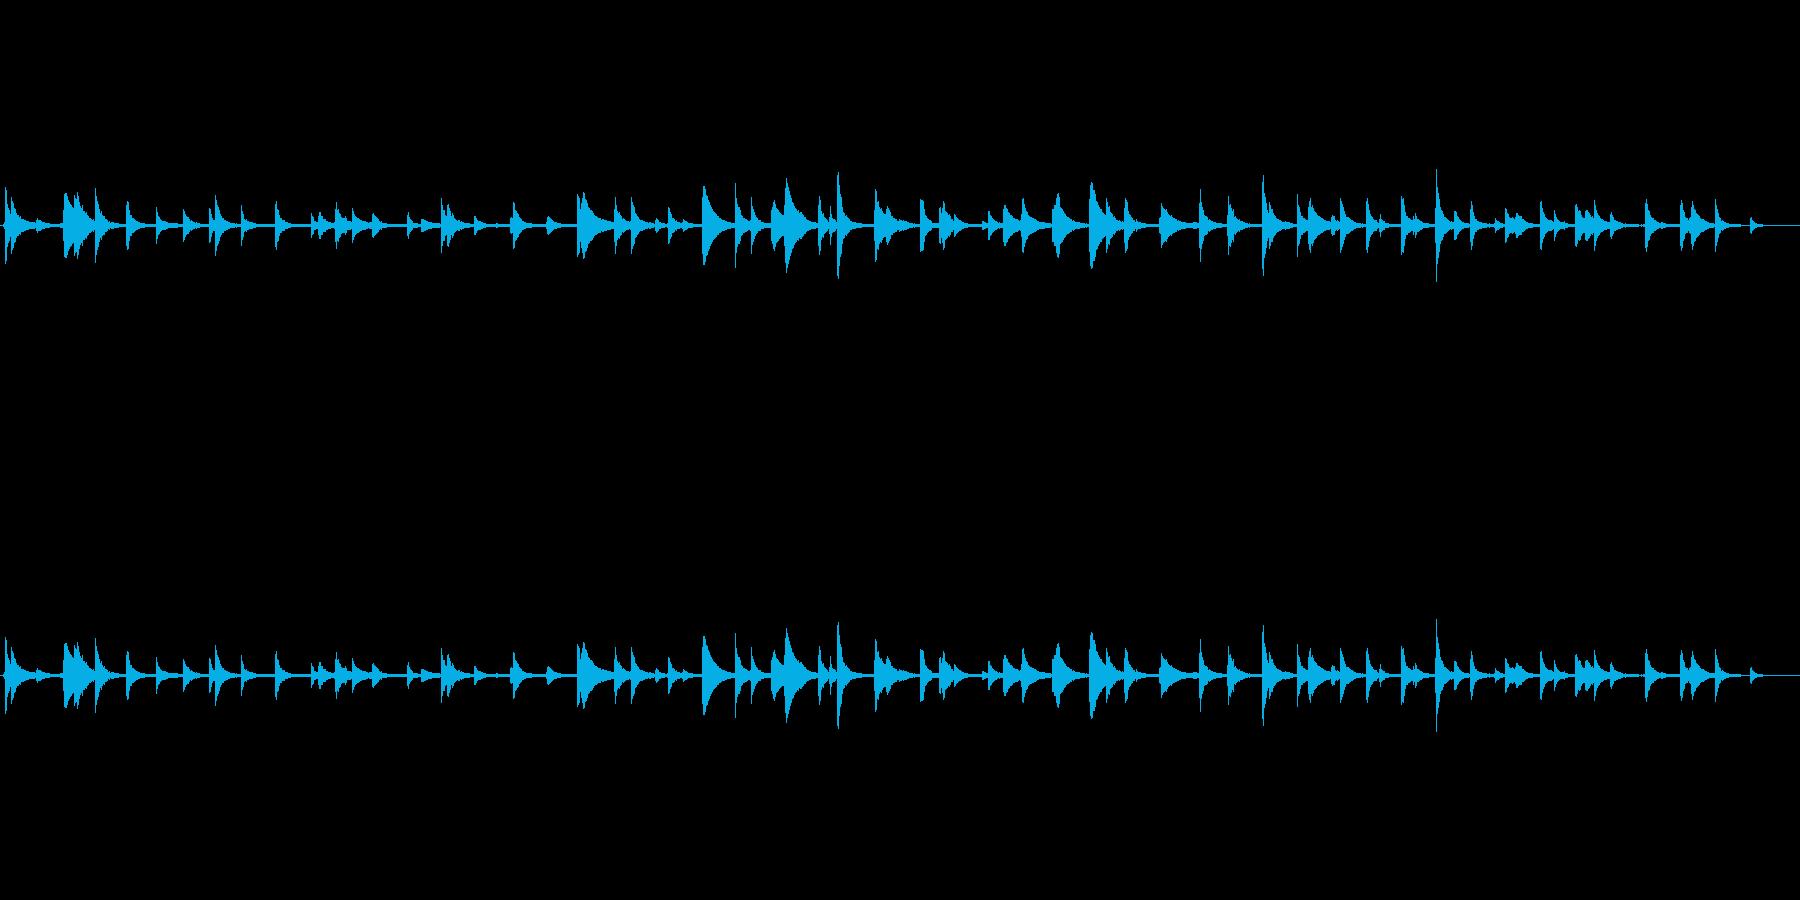 和風サウンド-水琴窟の再生済みの波形